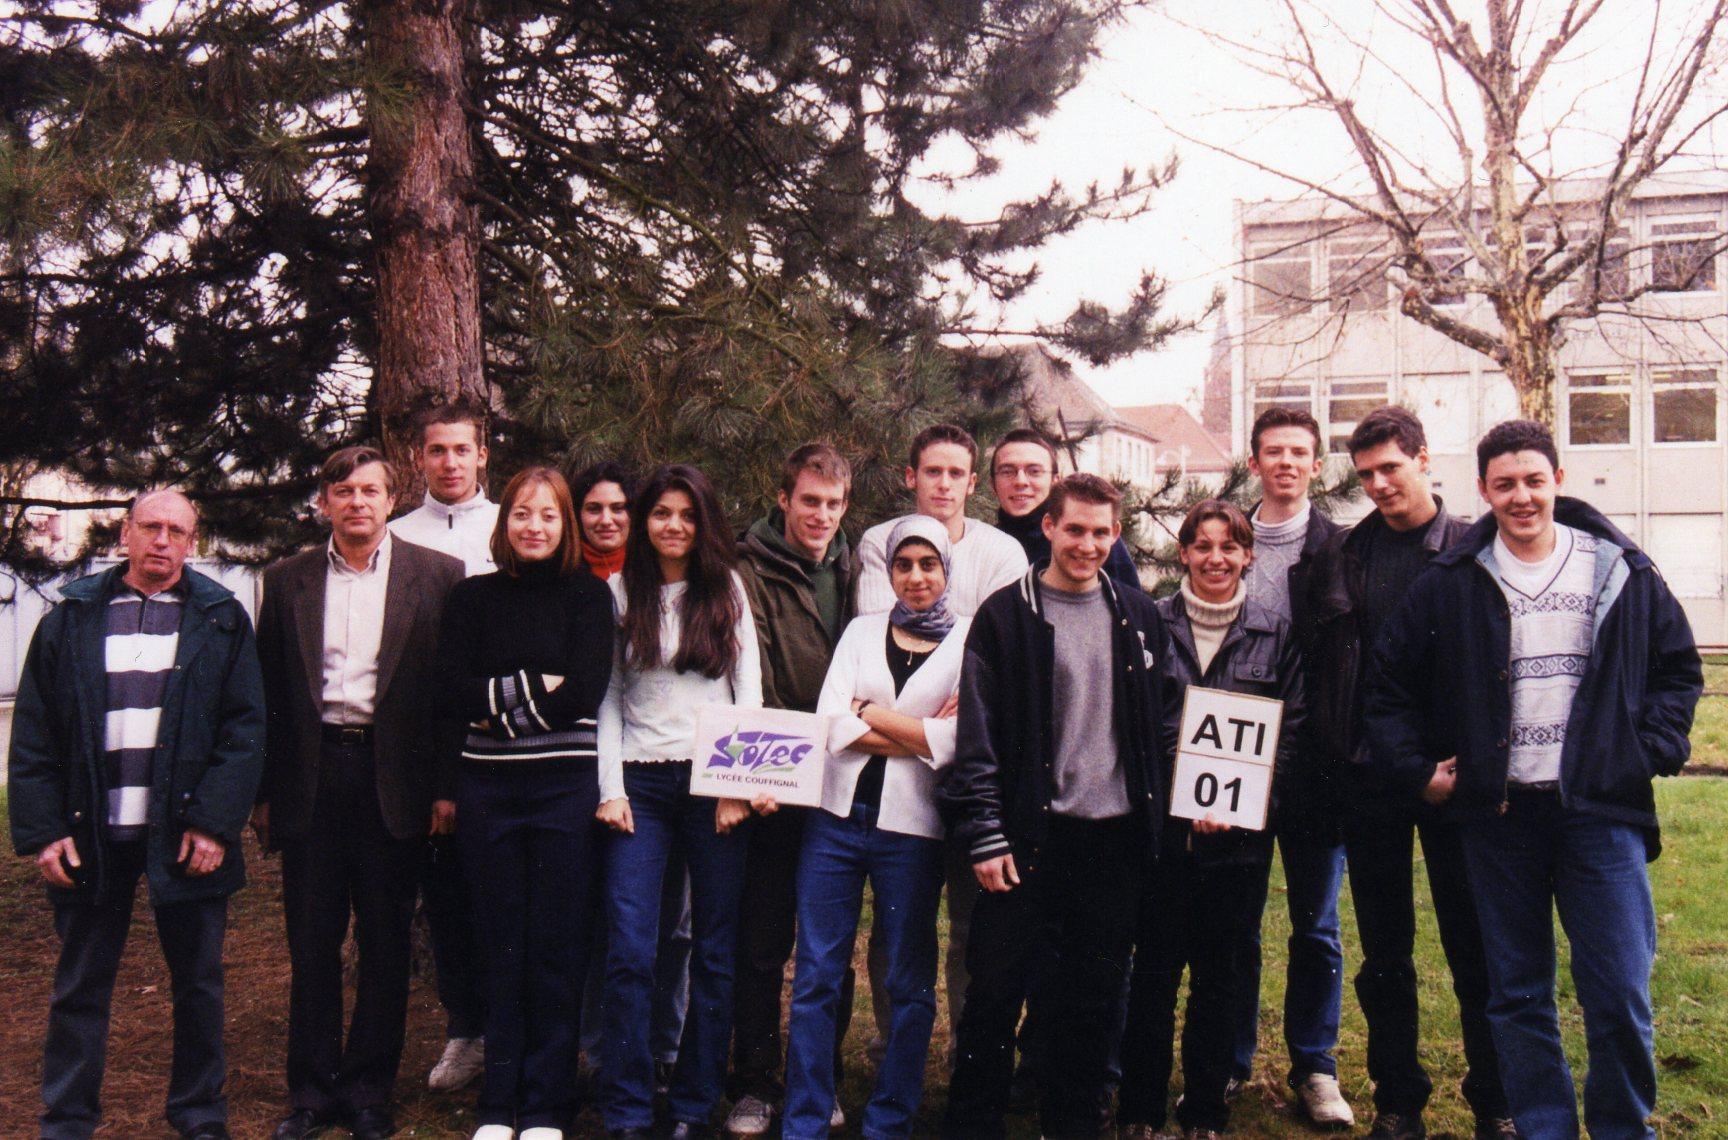 ATI001.jpg